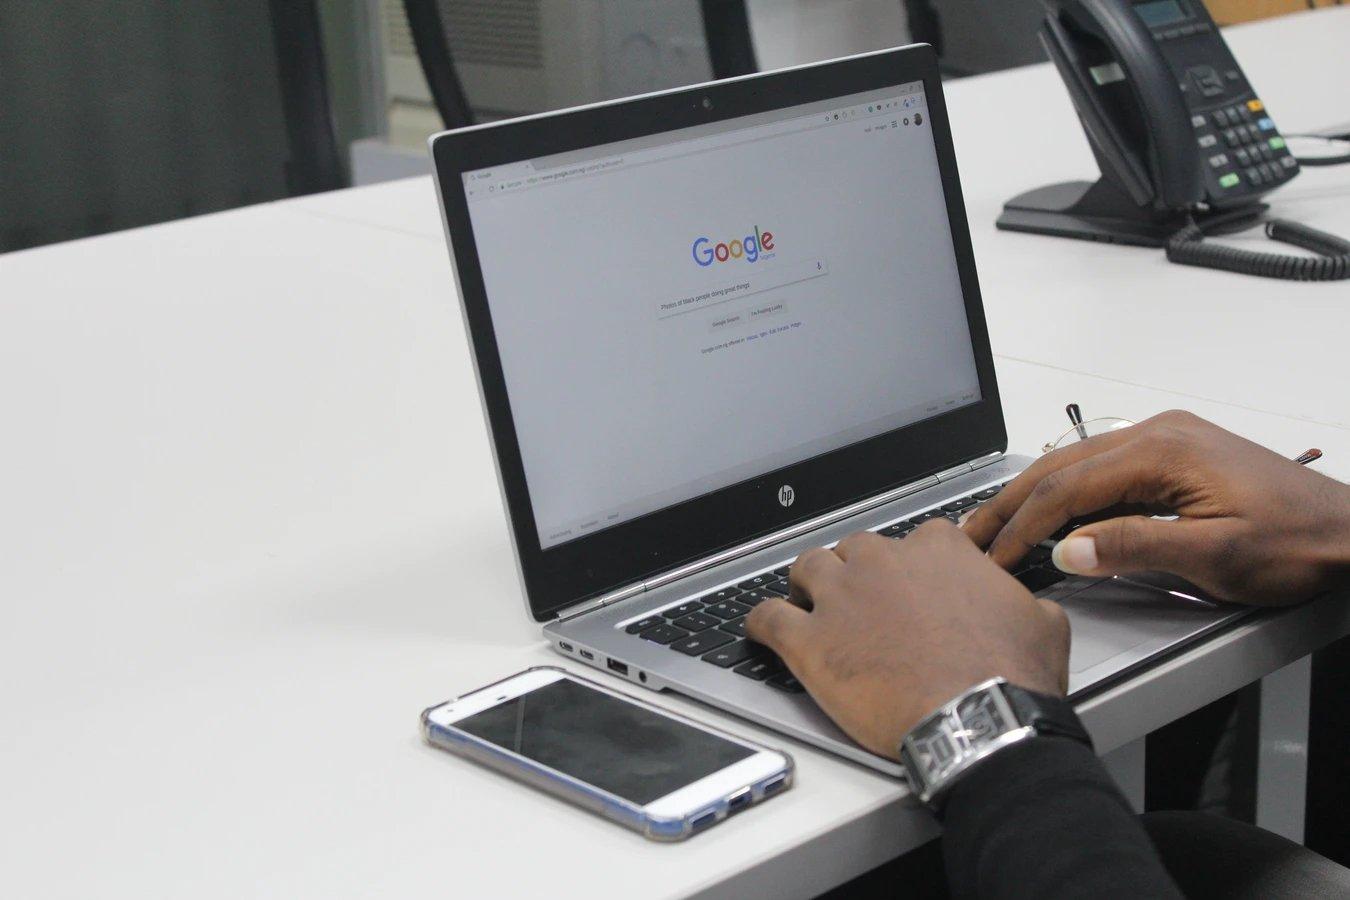 Google pesquisa em portátil